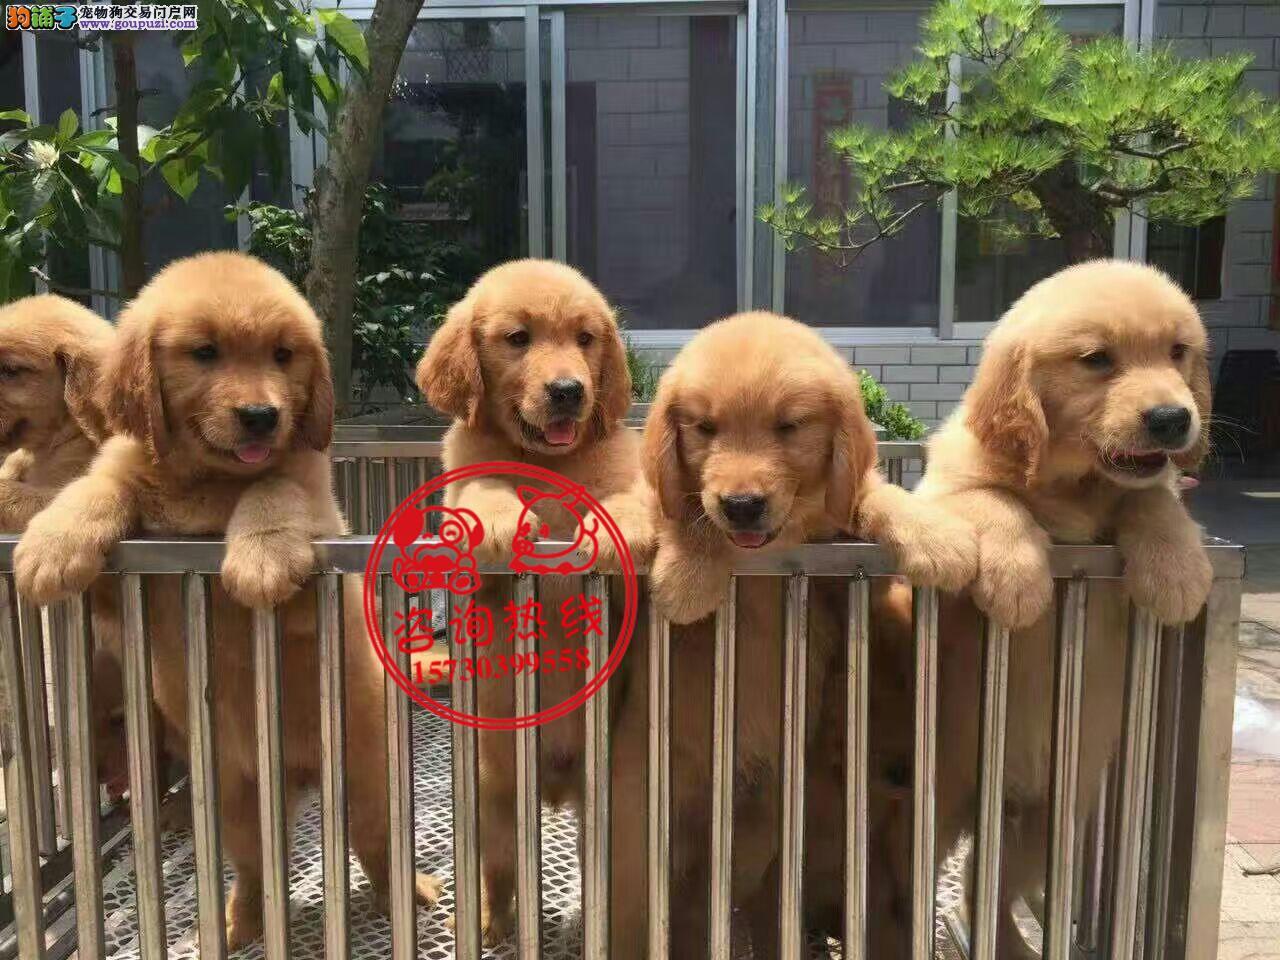 正规犬舍直销、各种名犬宠物狗、签协议、支持全国发货